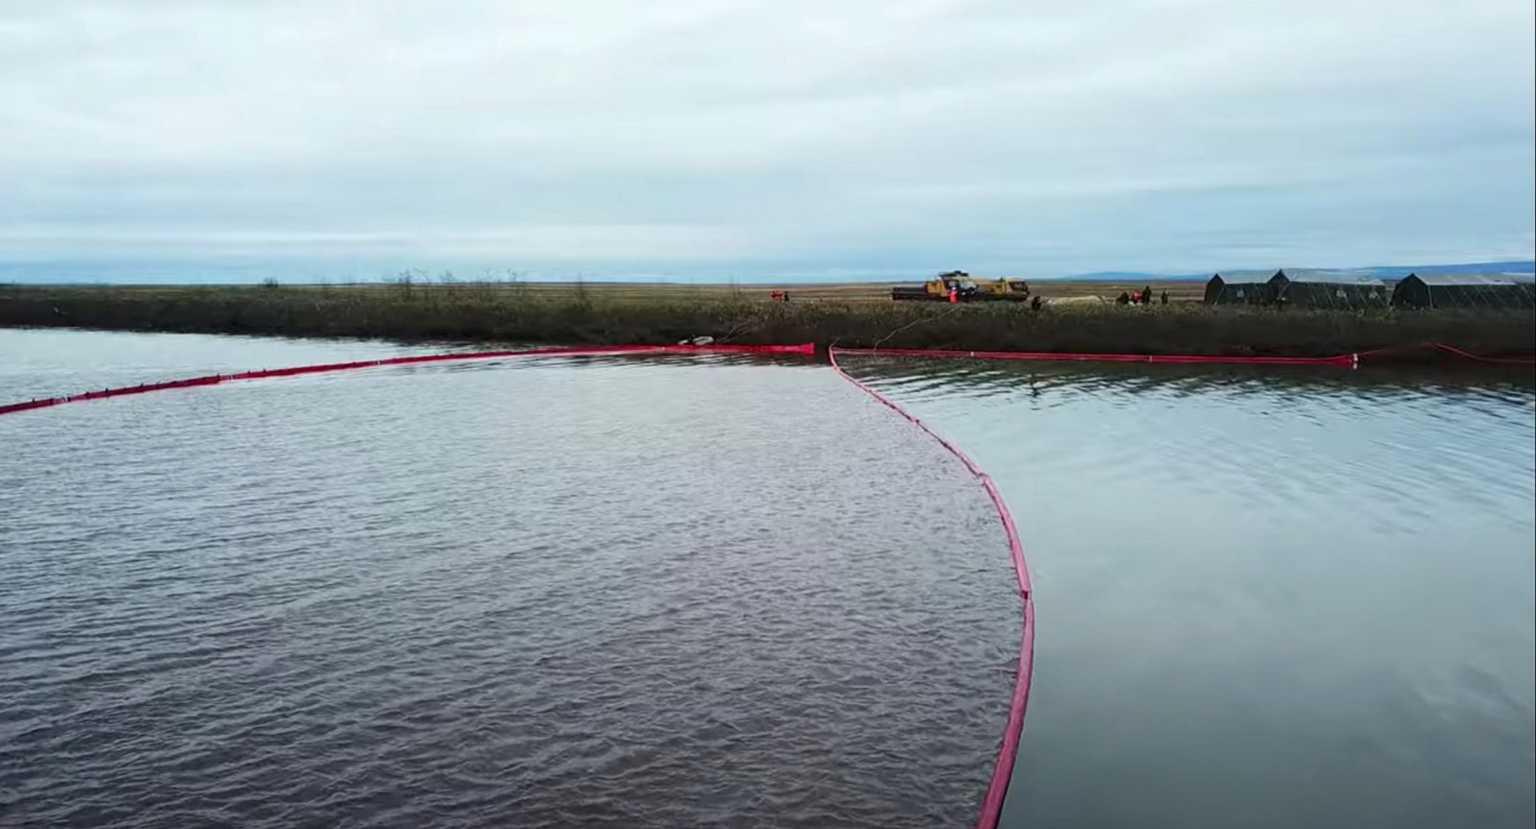 Ρωσία: Πετρελαιοκηλίδα 2.000 τ.μ. μετά από έκρηξη σε αγωγό στη χερσόνησο Γιαμάλ